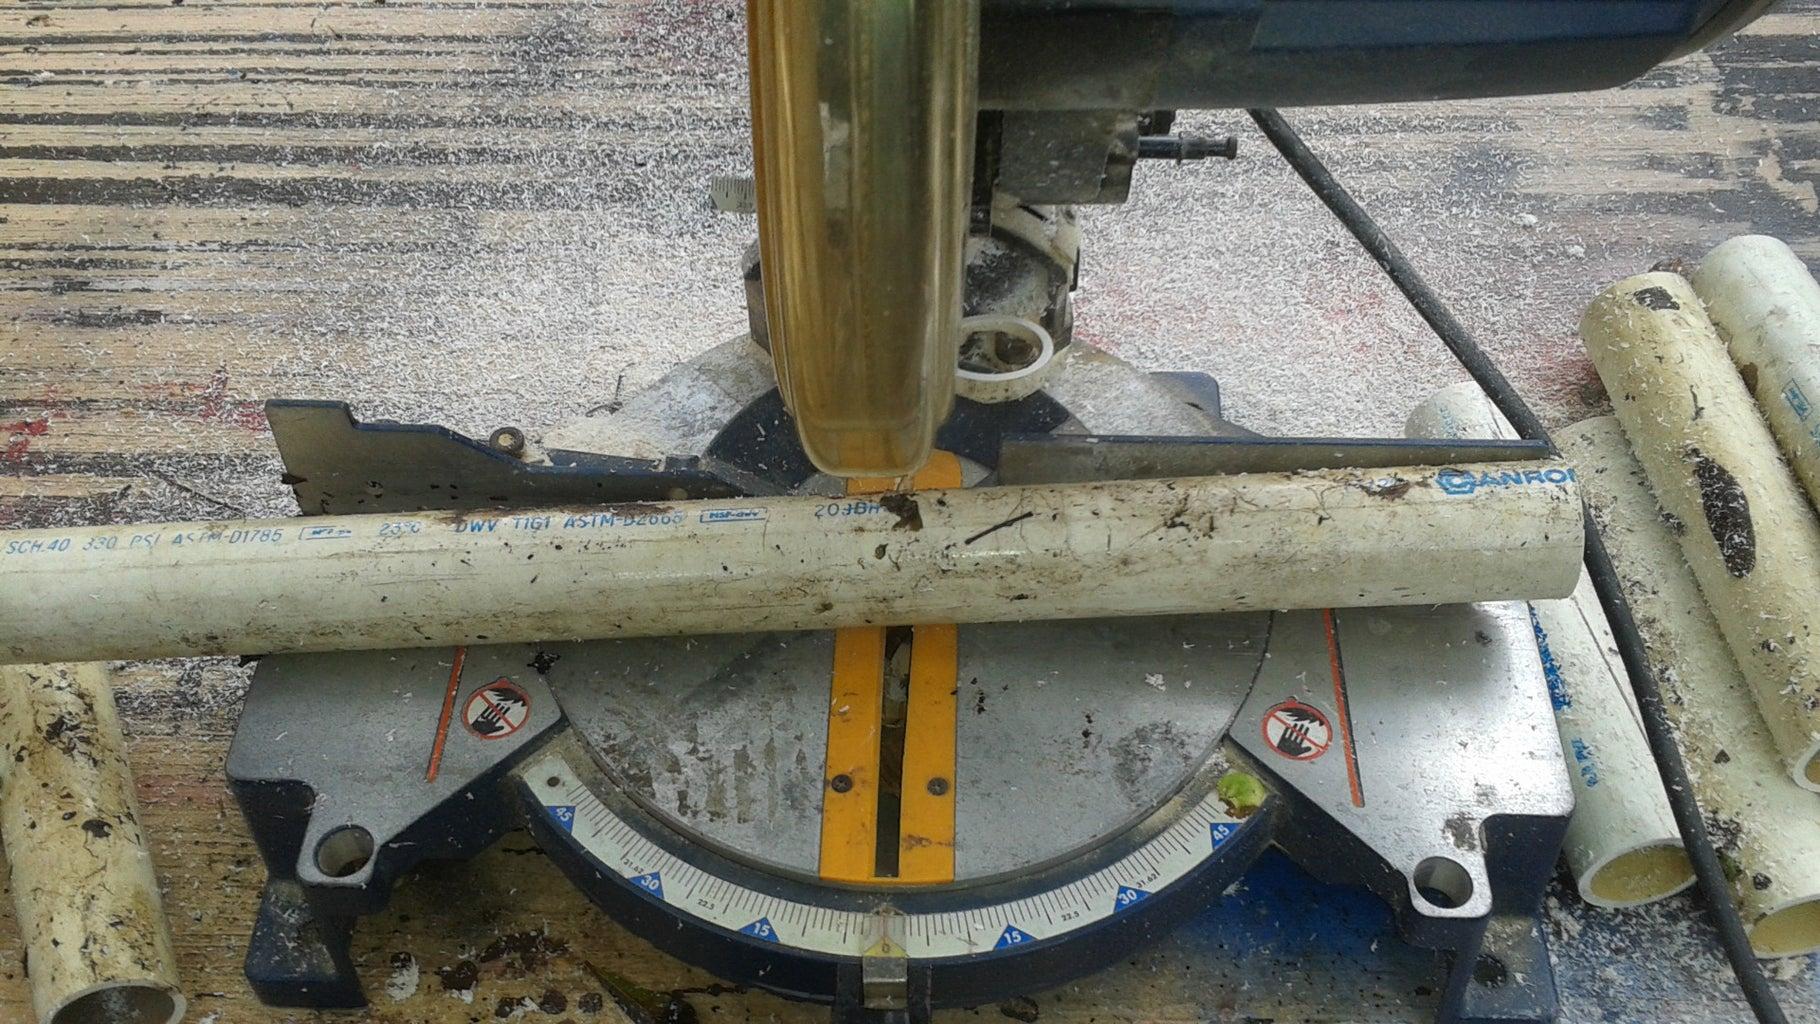 Cutting the PVC